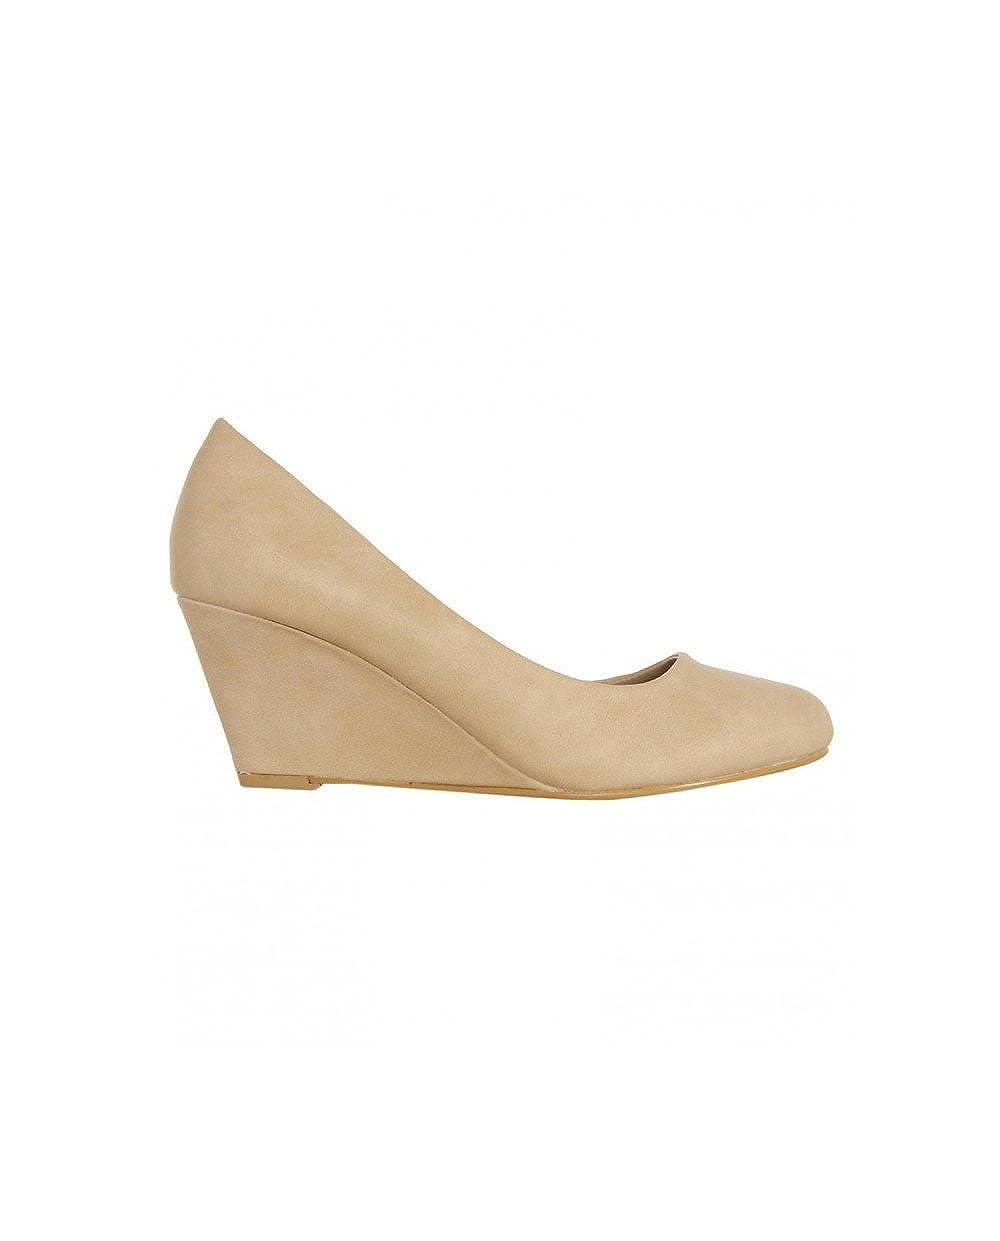 Zapatos de cuña de Mujer Urban B041170-B7200 Beige